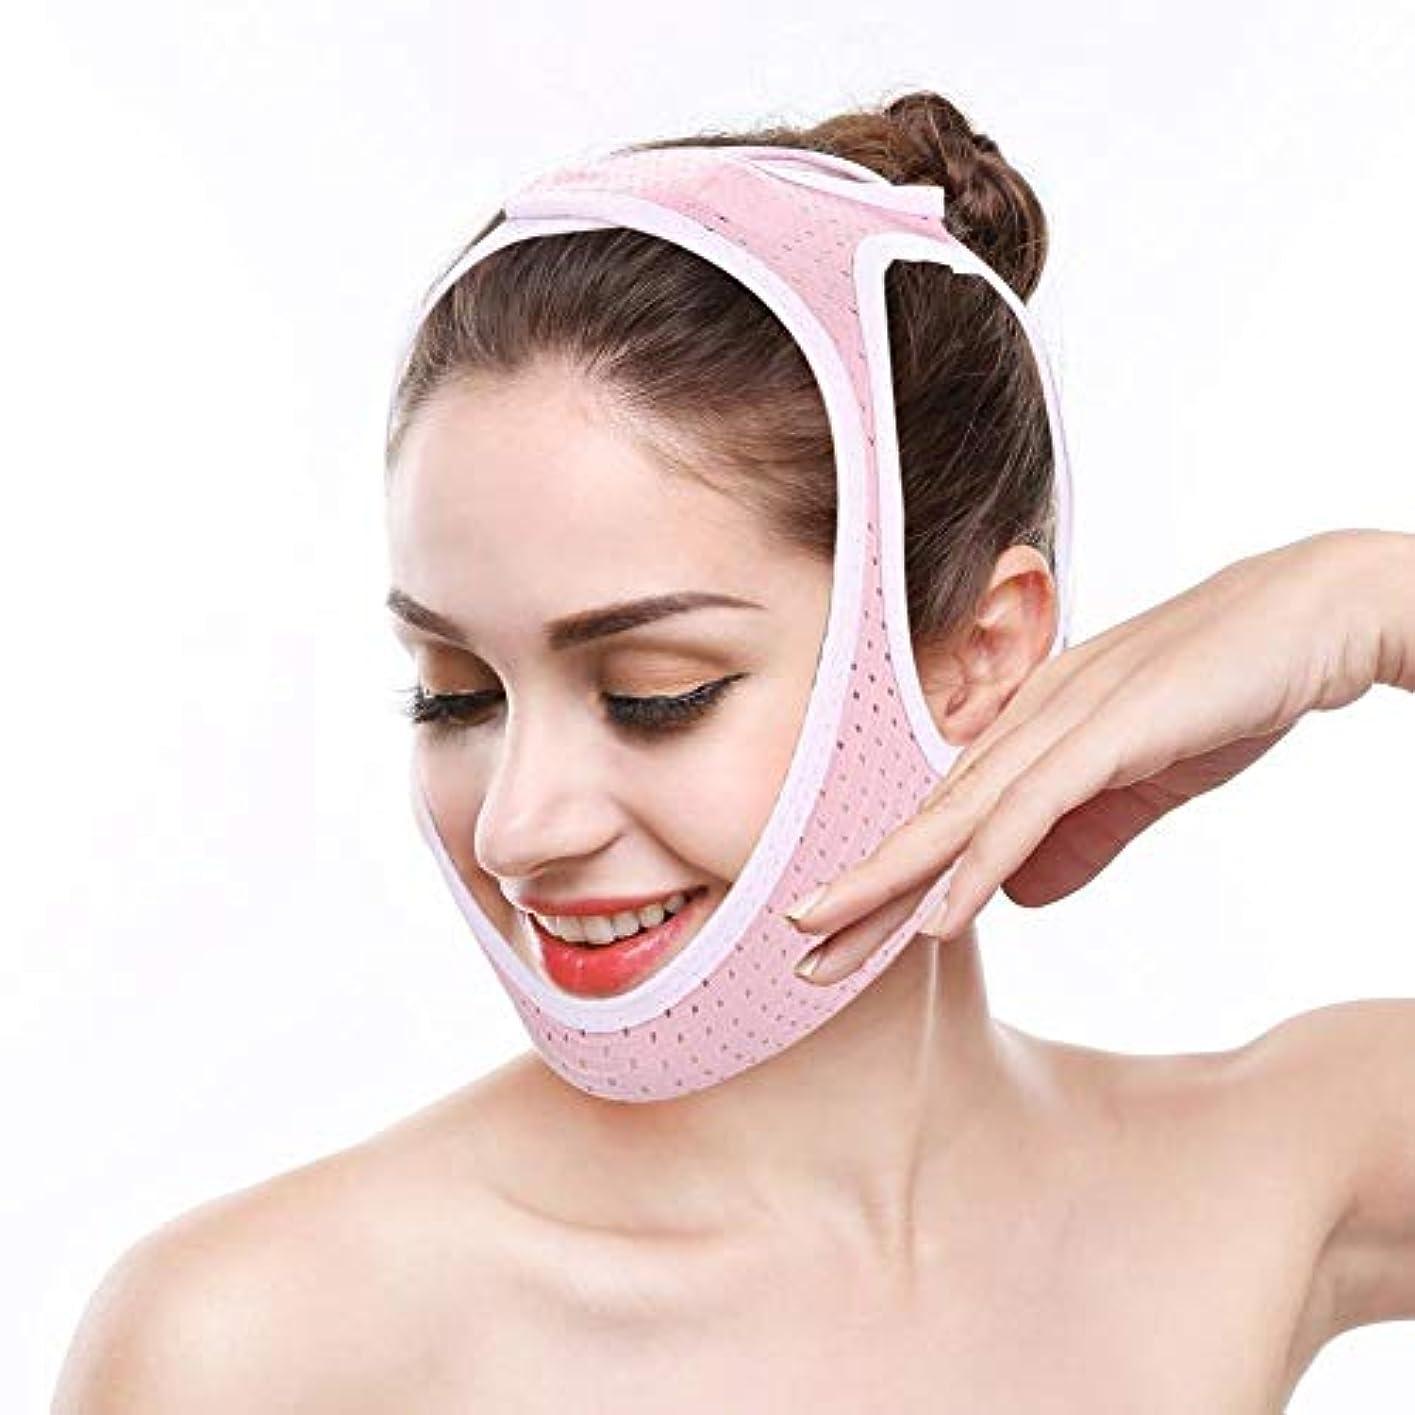 アウターゲートダンプ二重あごを減らすための減量用フェイスマスク、減量用フェイスマスク(L)